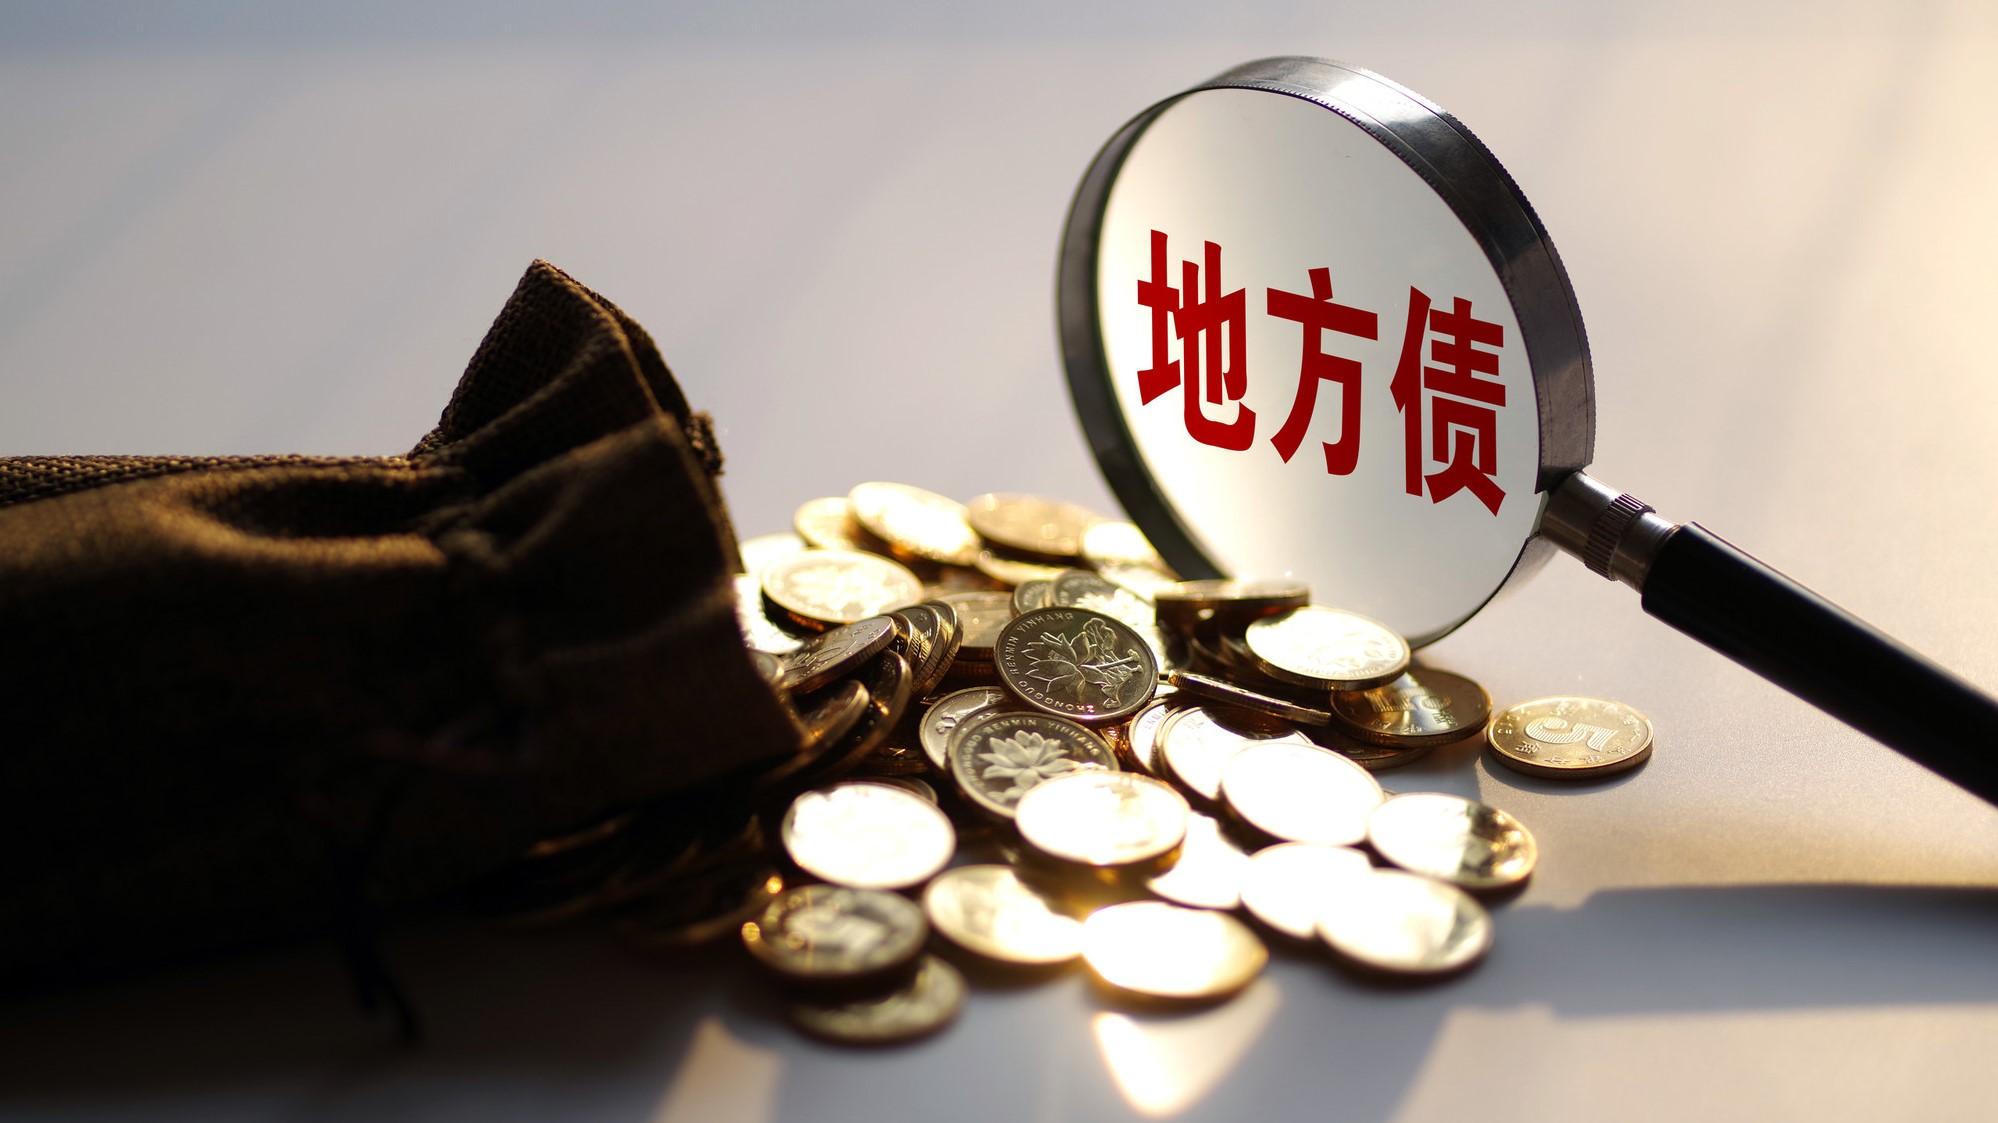 地方债发行提速,发挥稳投资促增长作用